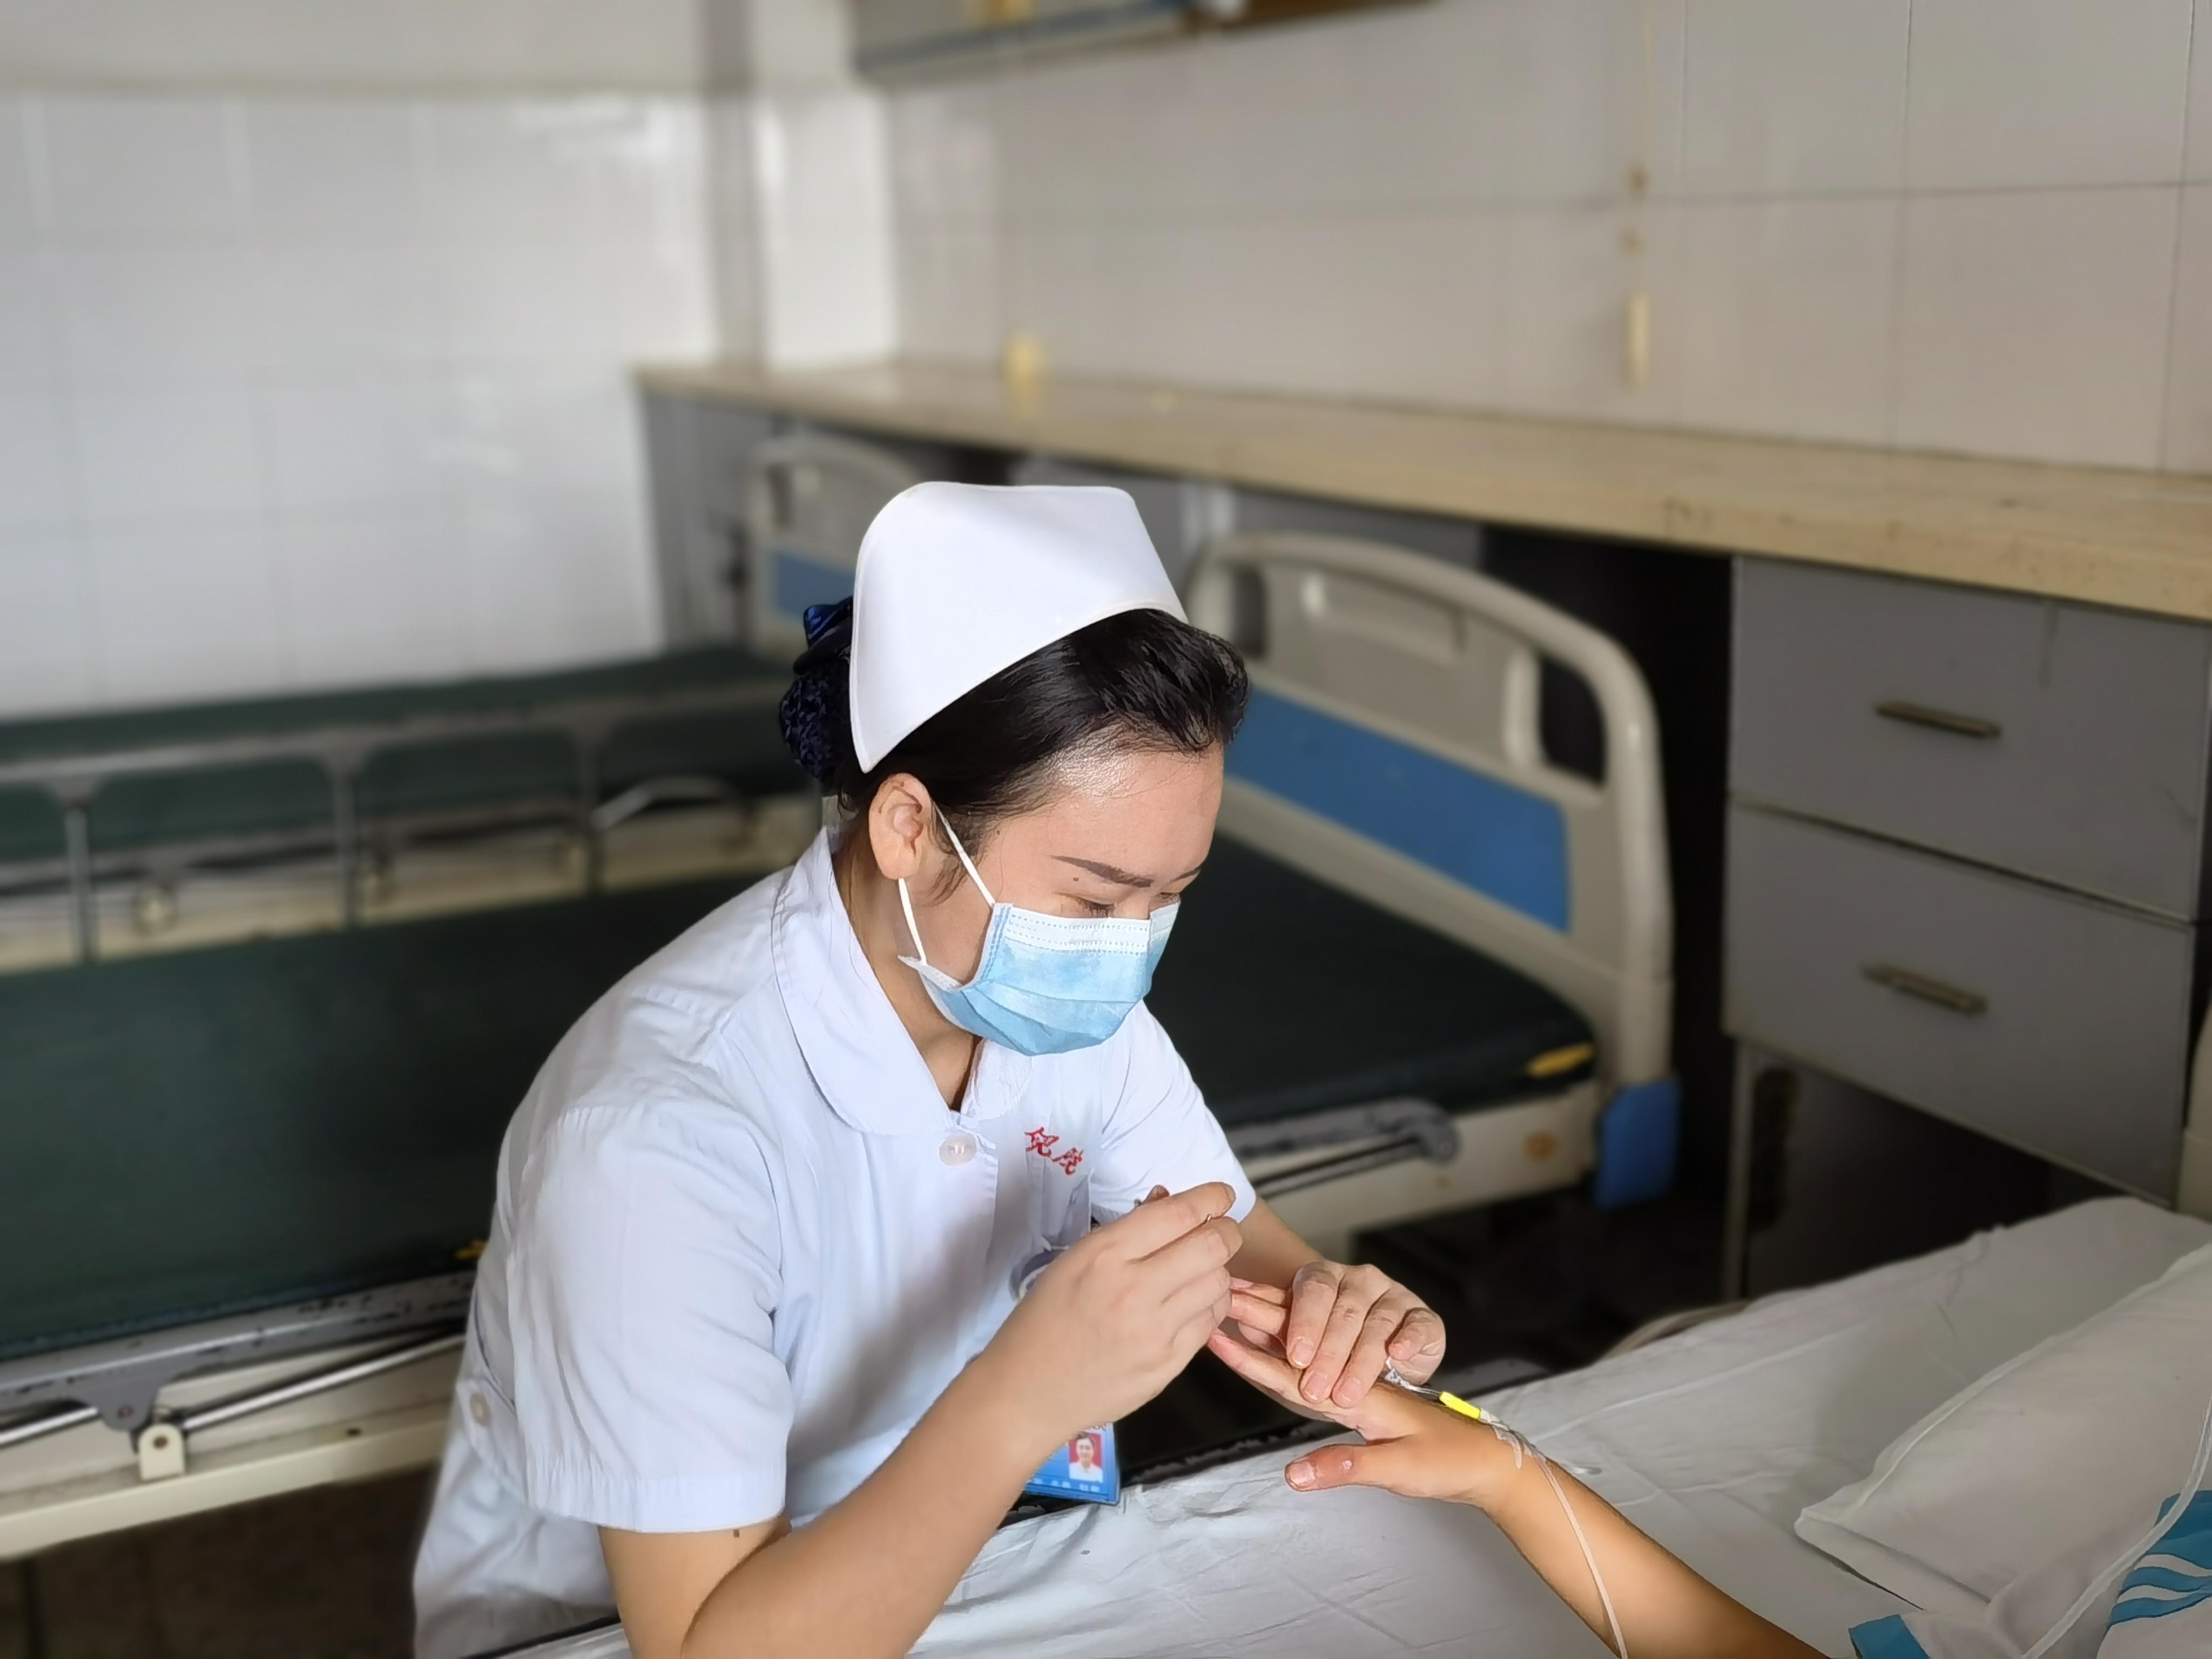 江西省儿童医院饶蒙获「2021 江西最美护士」荣誉称号